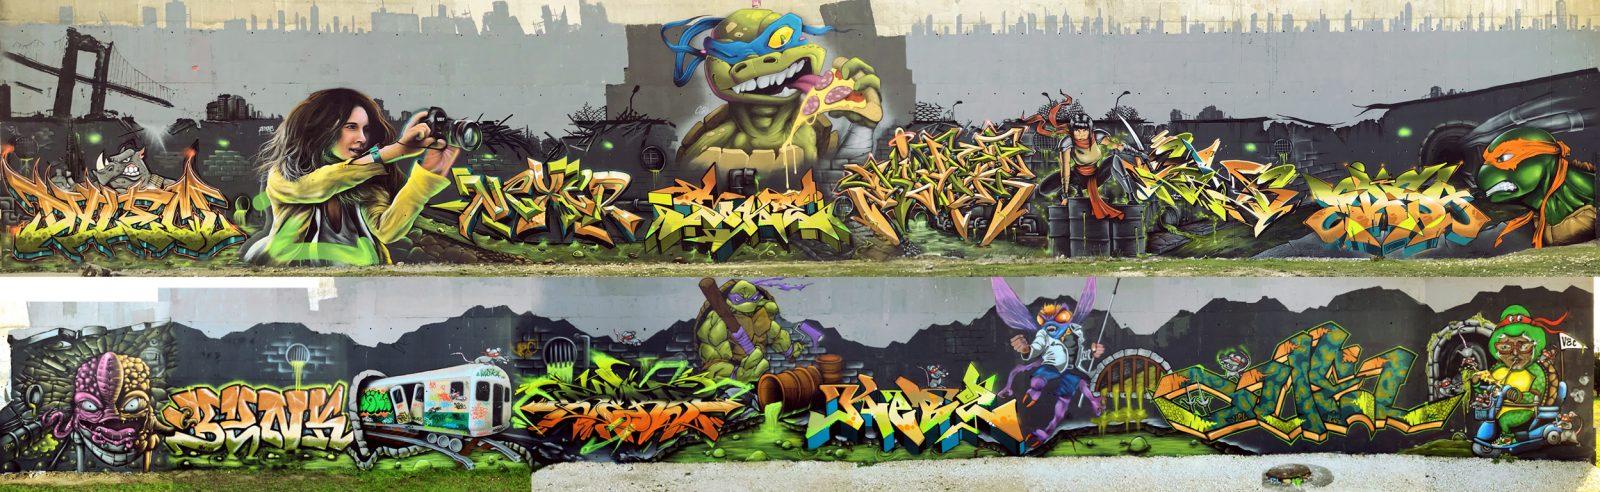 """VEC """"Teenage Mutant Turtles"""" graffiti jam"""